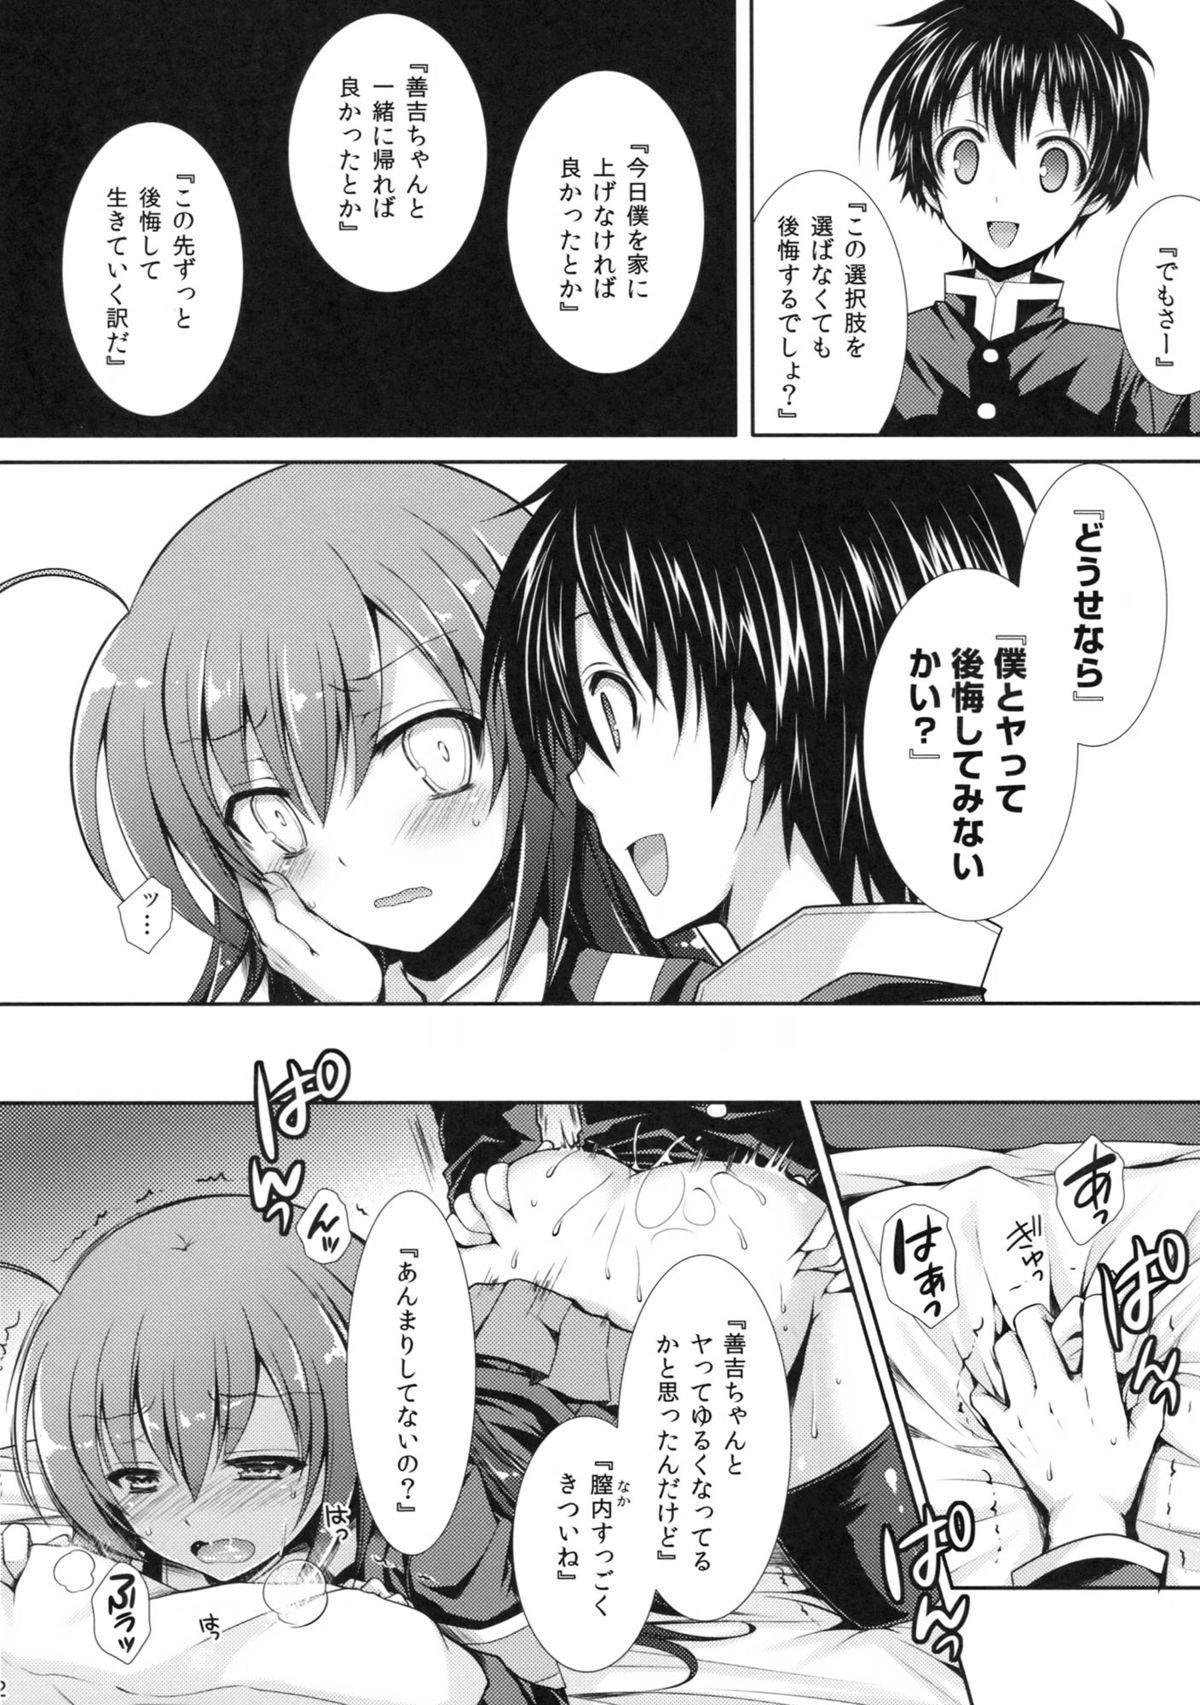 (C83) [Sugar*Berry*Syrup (Kuroe)] Shinkon Medaka-chan ga Kumagawa-kun ni NTR-reru Hon (Medaka Box) 10